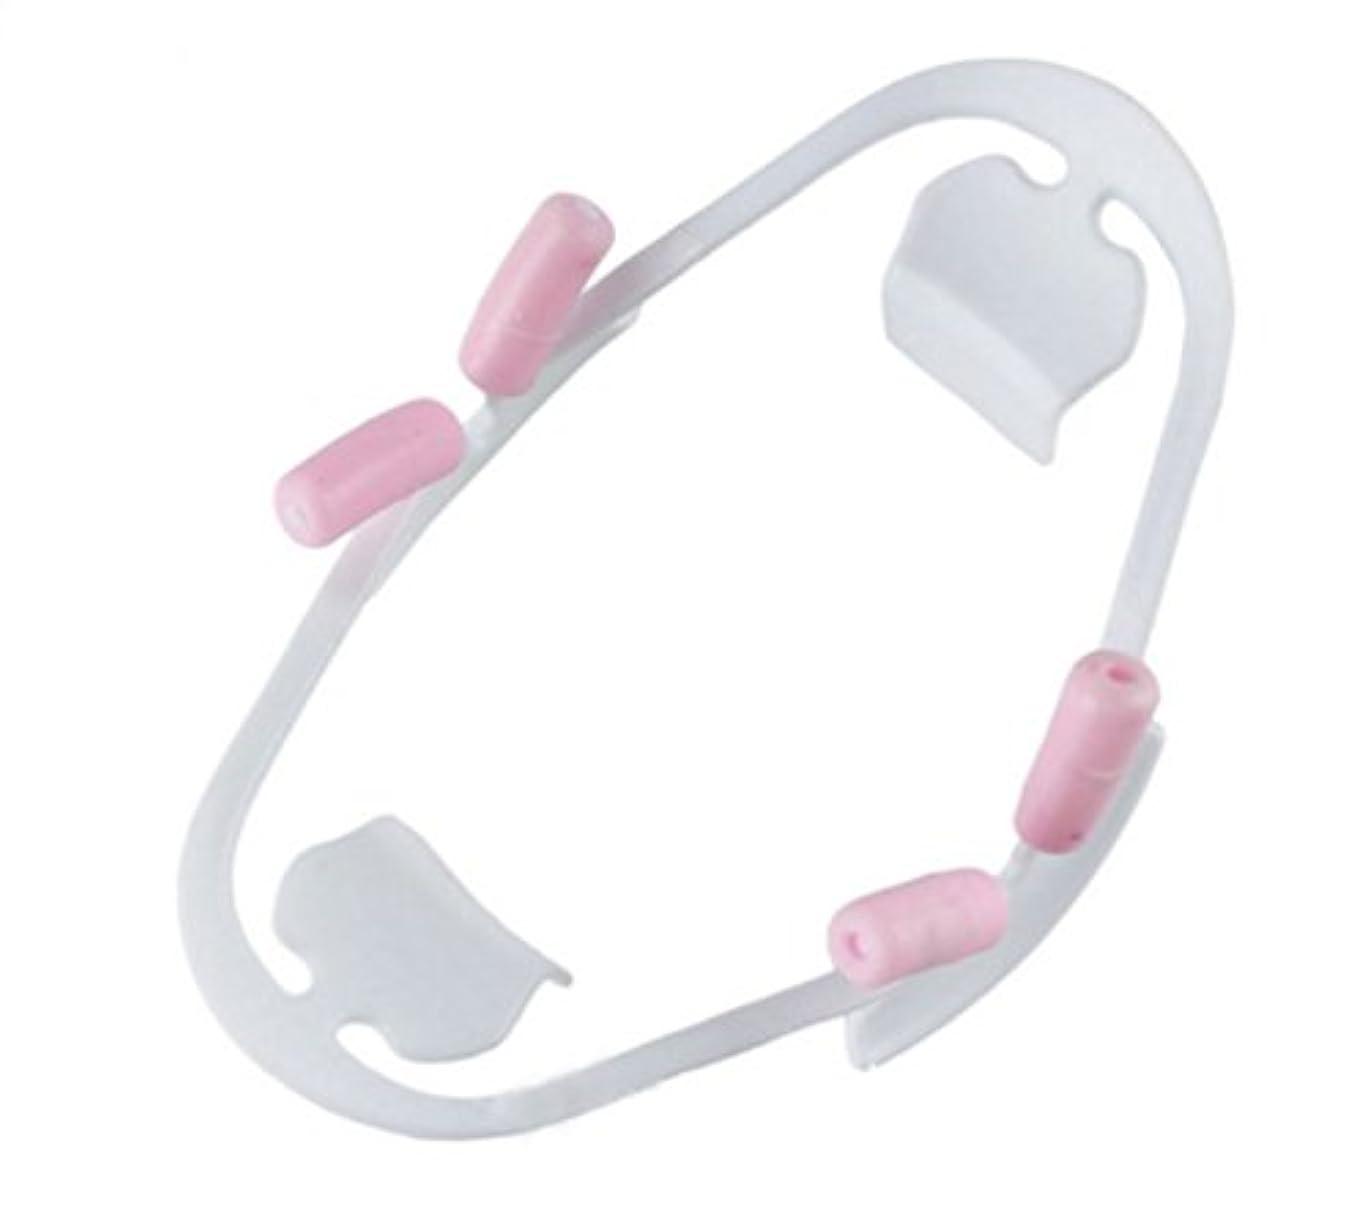 今までいらいらさせるアシュリータファーマンdiconna 歯科開口器 3D マウスオープナー 開口器 1個 業務用